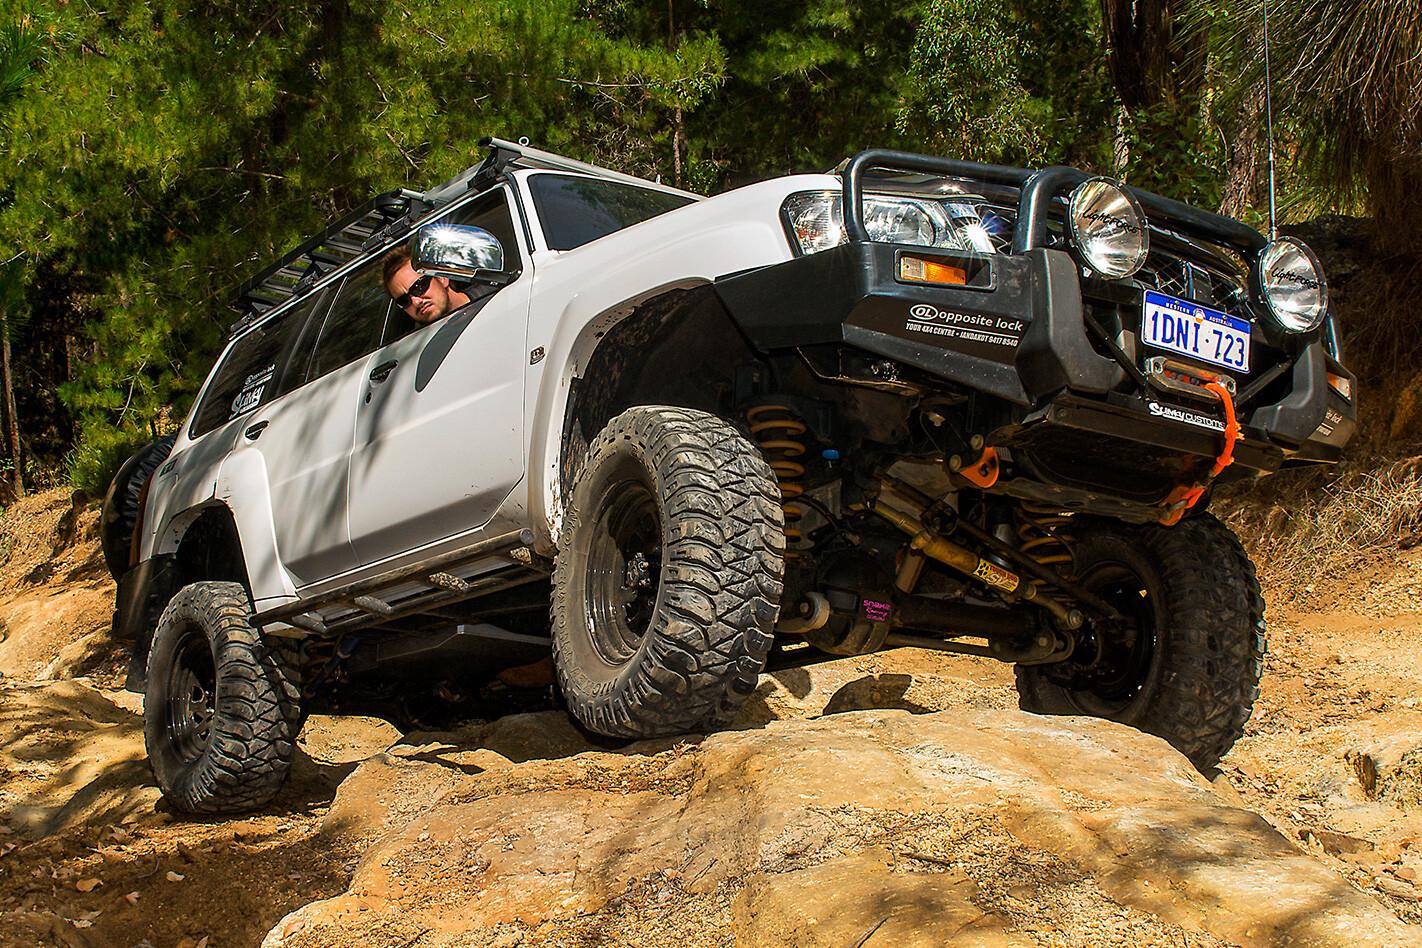 2010 Nissan Patrol GU7 Ti rough terrain